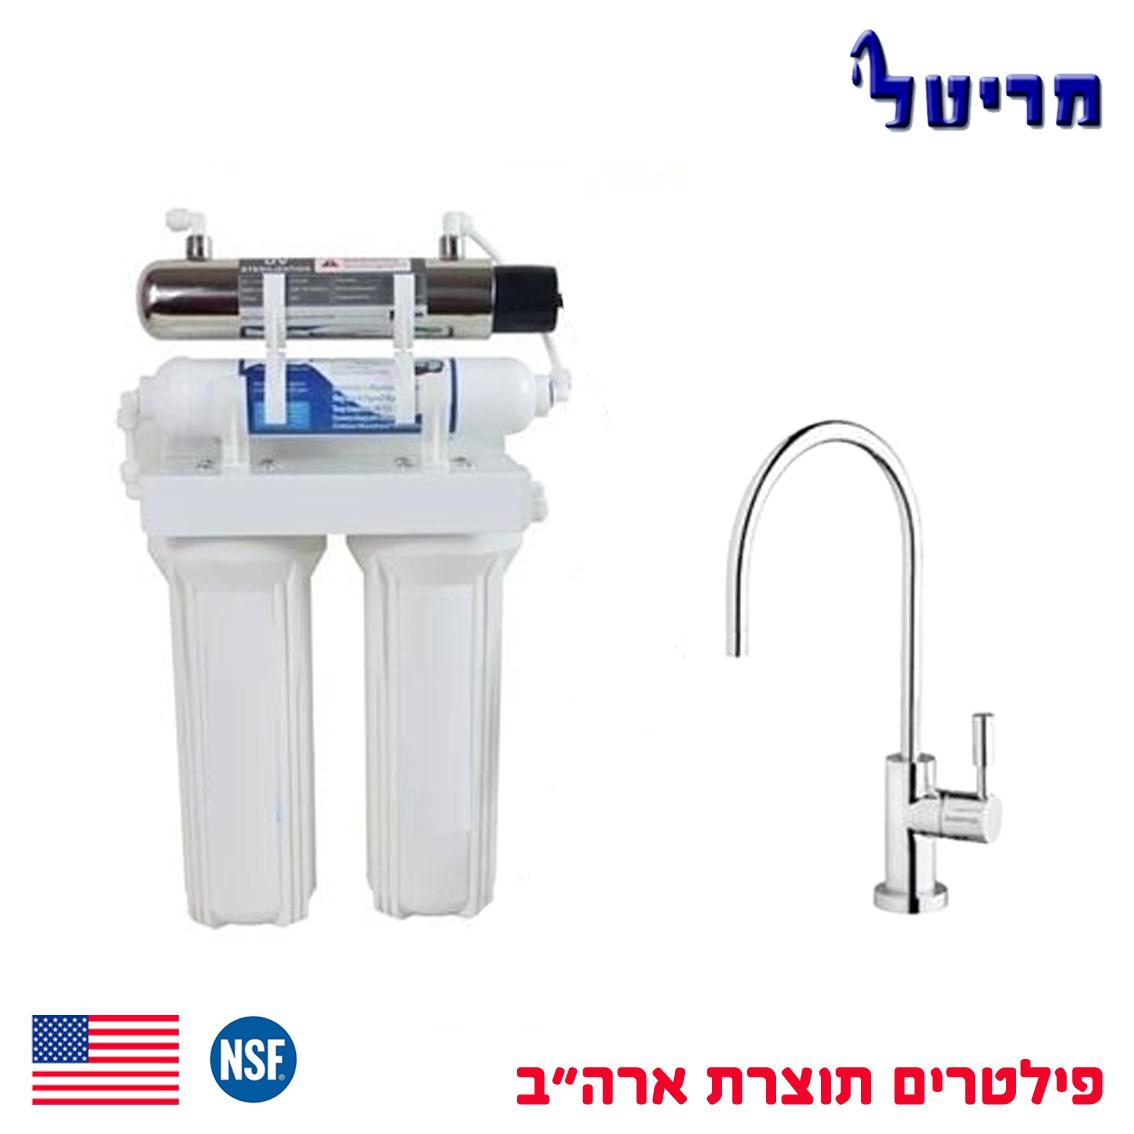 מריטל UV - מערכת טיהור מים 4 שלבים USA כולל מנורת UV